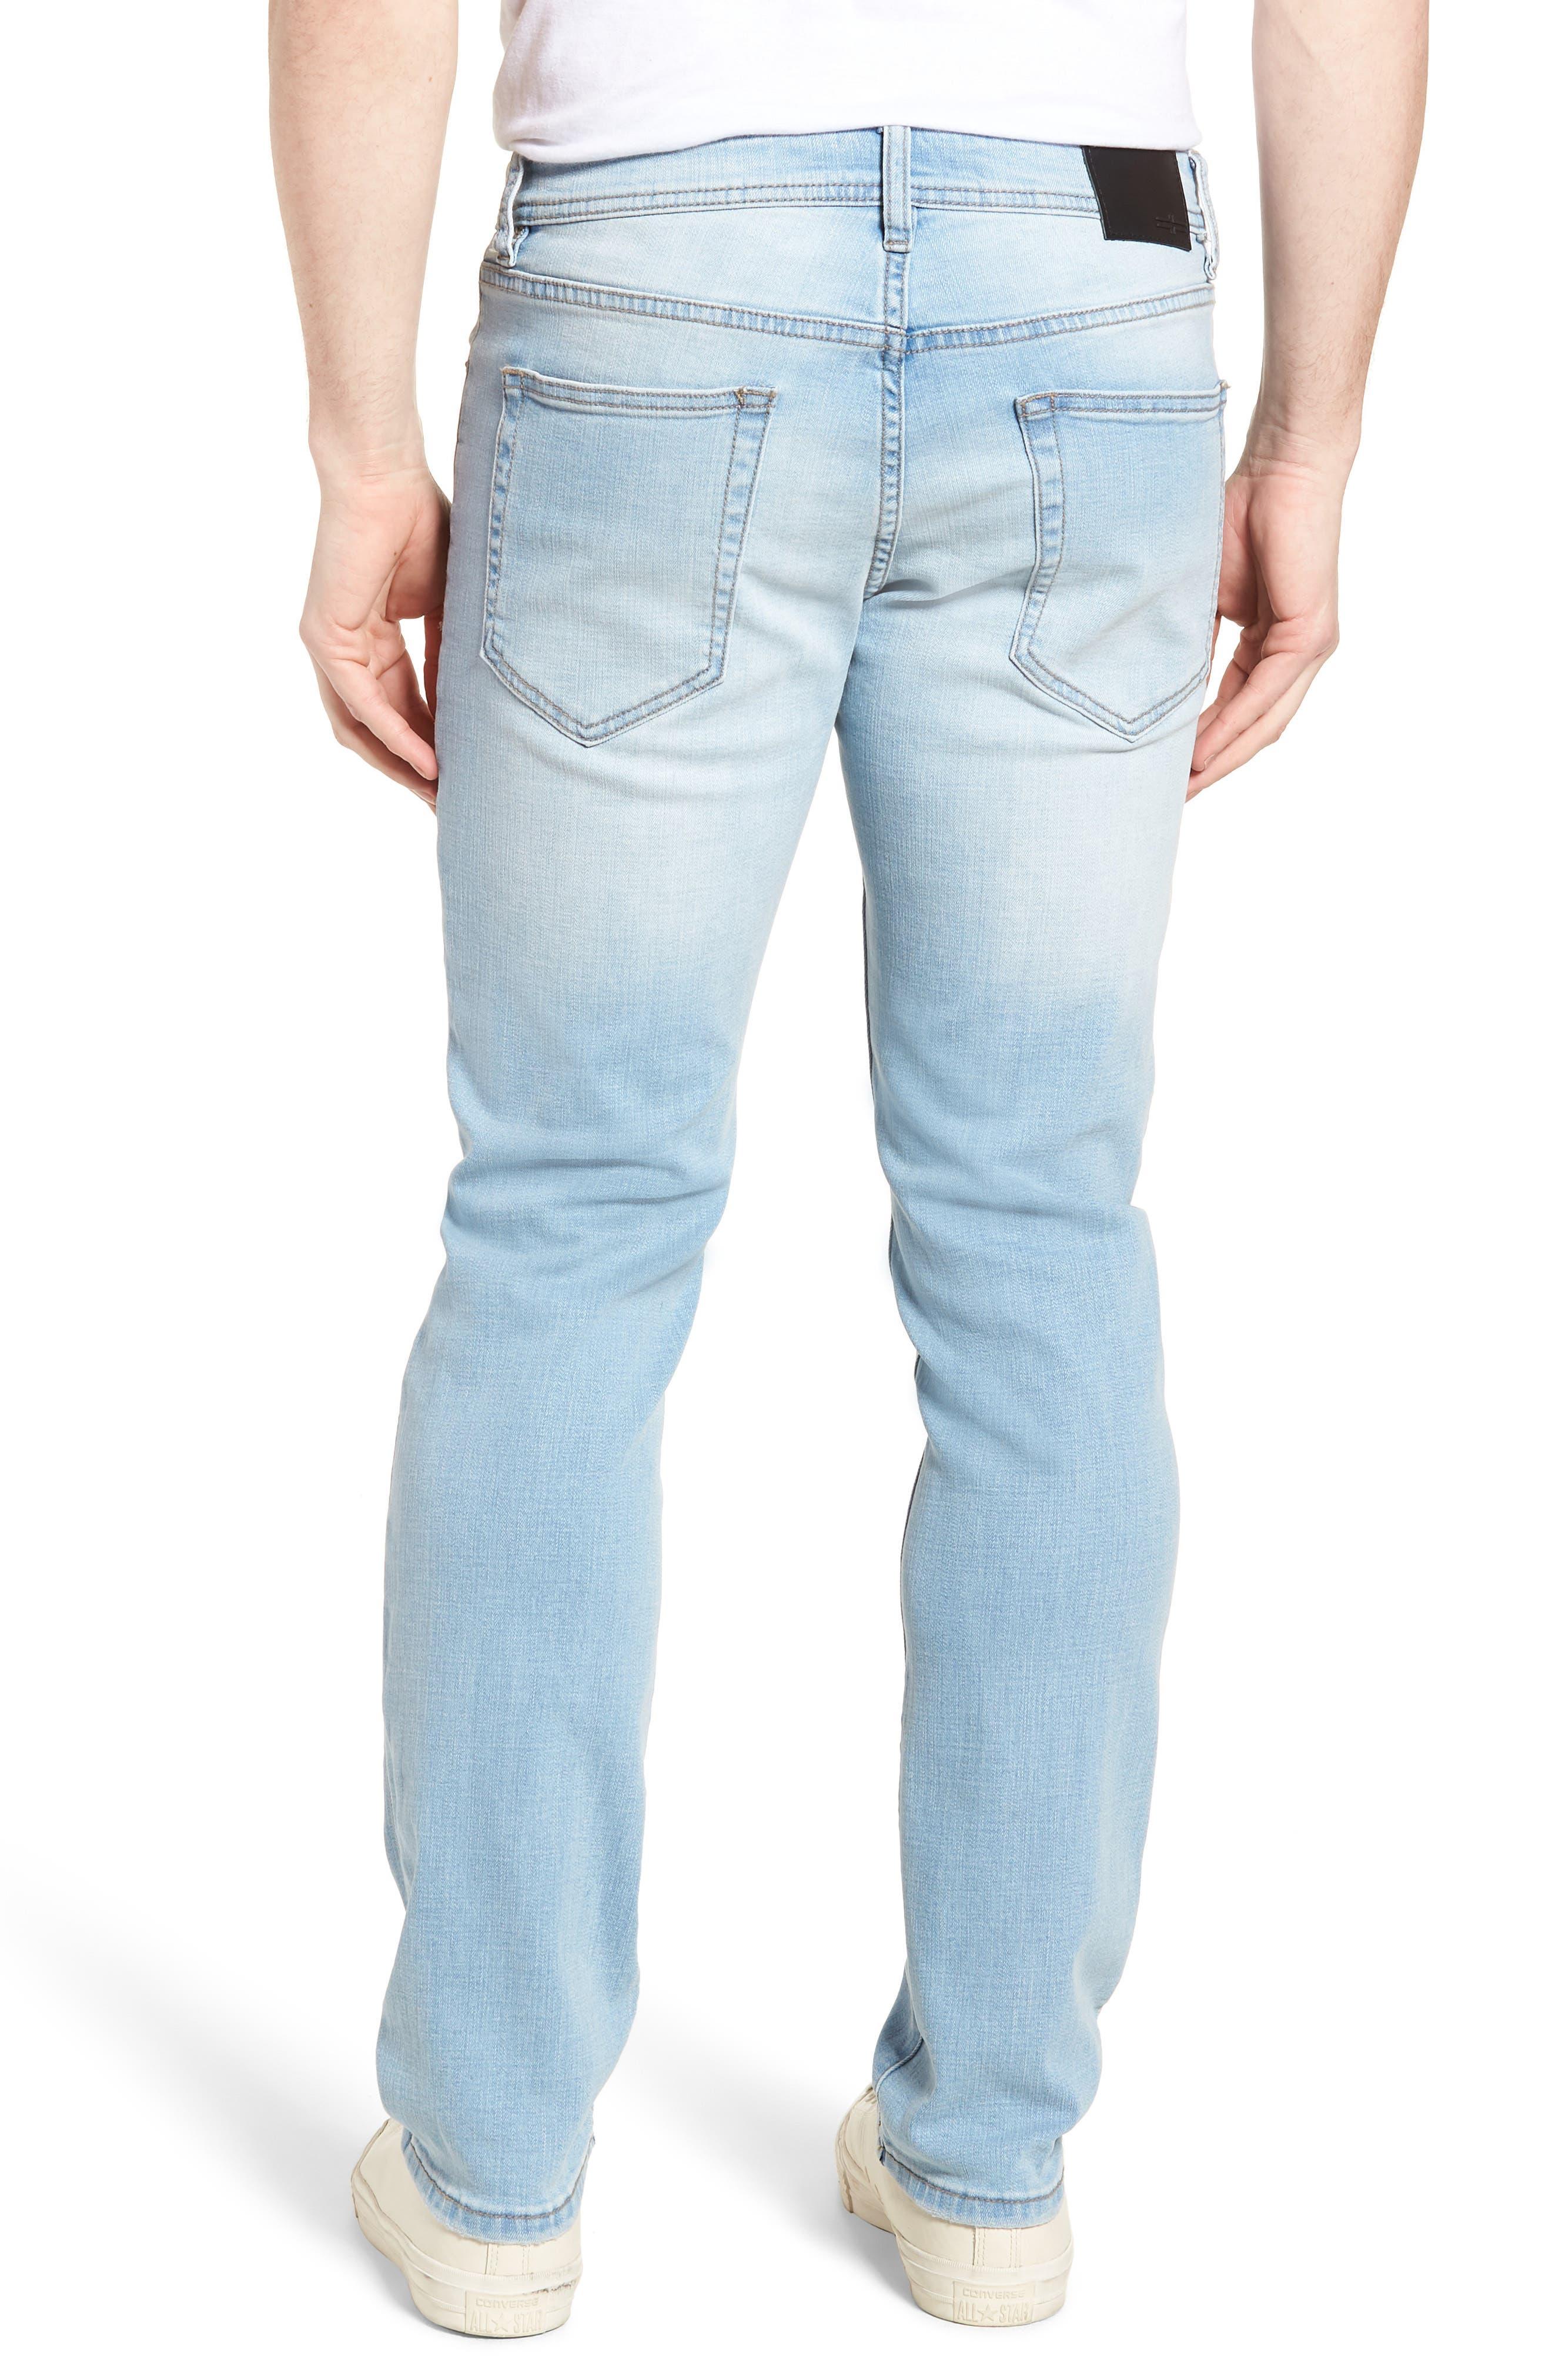 Jeans Co. Straight Leg Jeans,                             Alternate thumbnail 2, color,                             Riverside Light